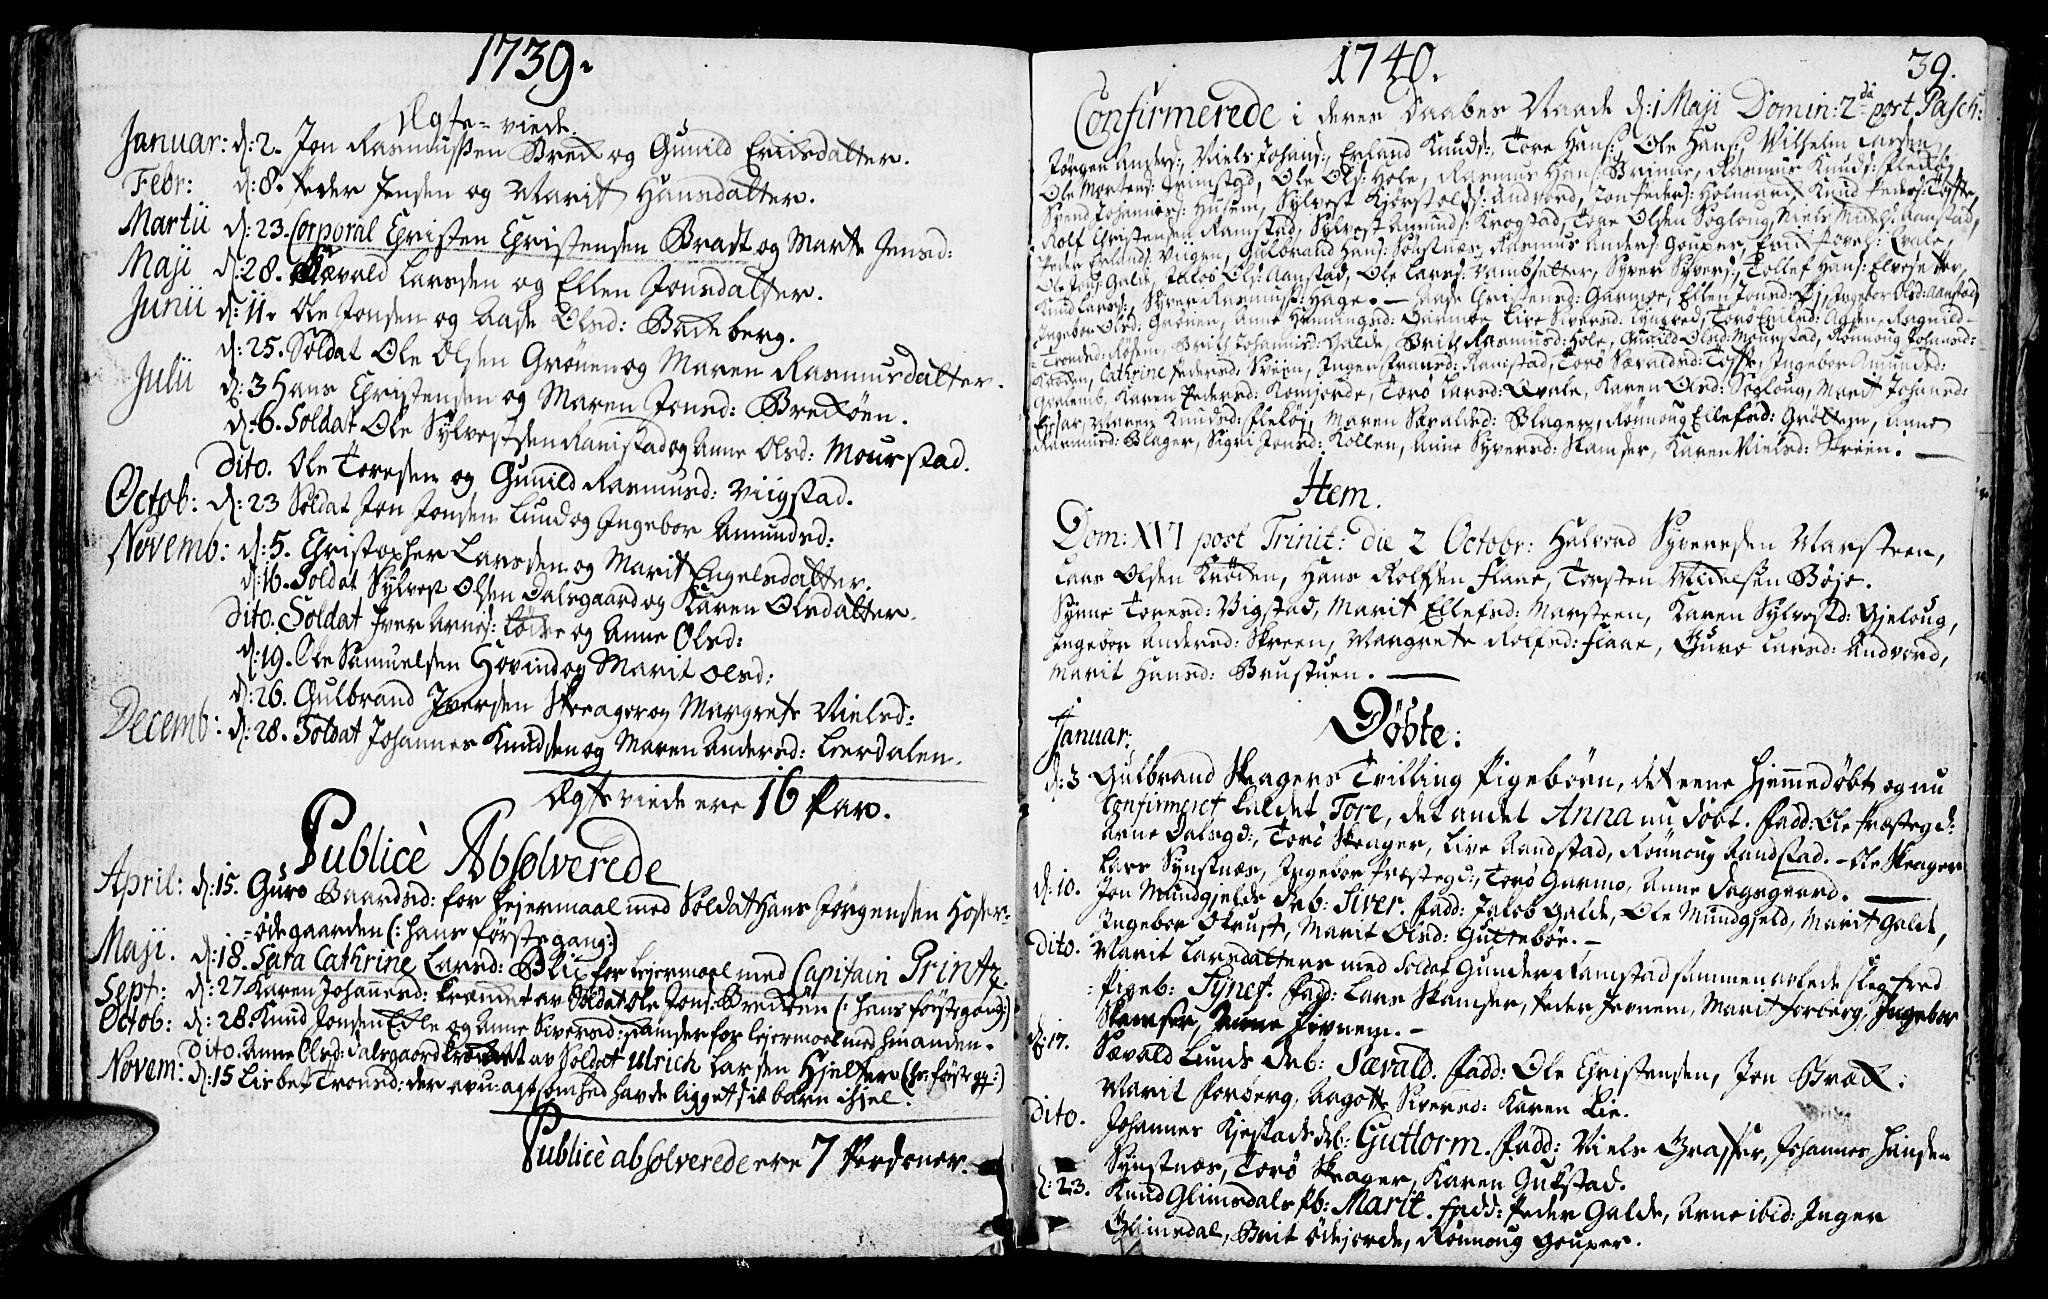 SAH, Lom prestekontor, K/L0001: Ministerialbok nr. 1, 1733-1748, s. 39